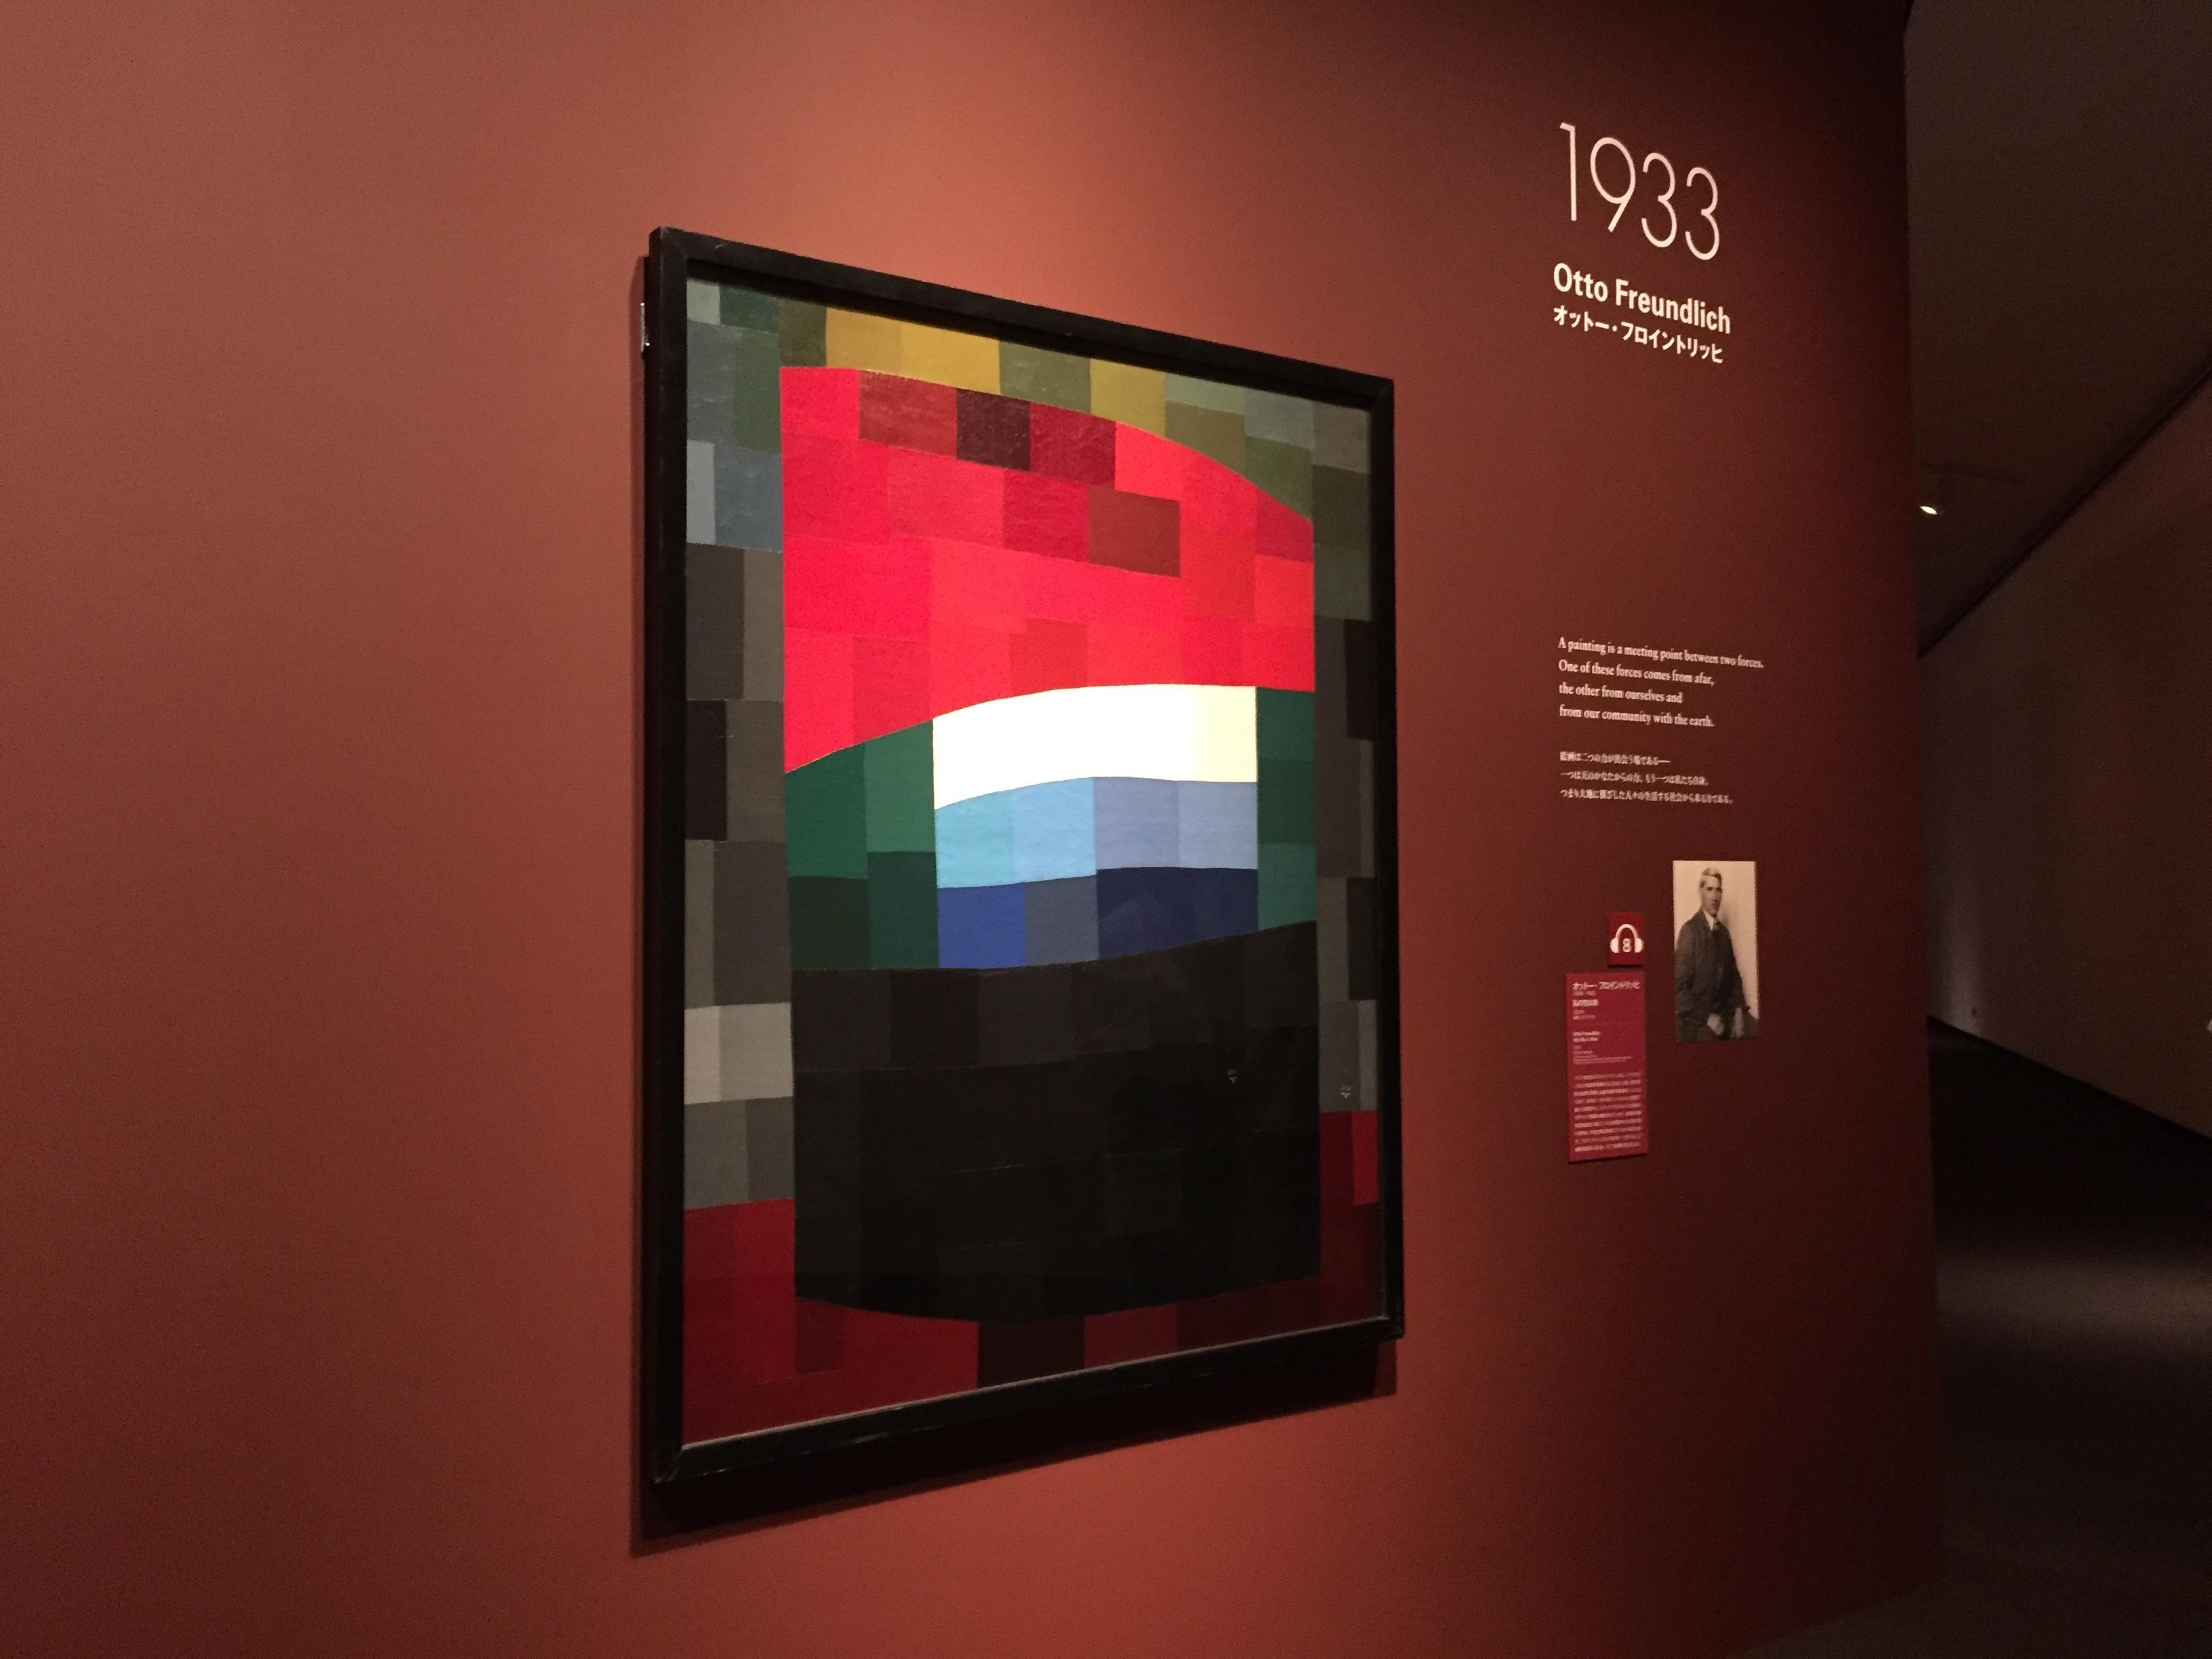 オットー・フロイントリッヒ《私の空は赤》1933年 ⓒgirls Artalk